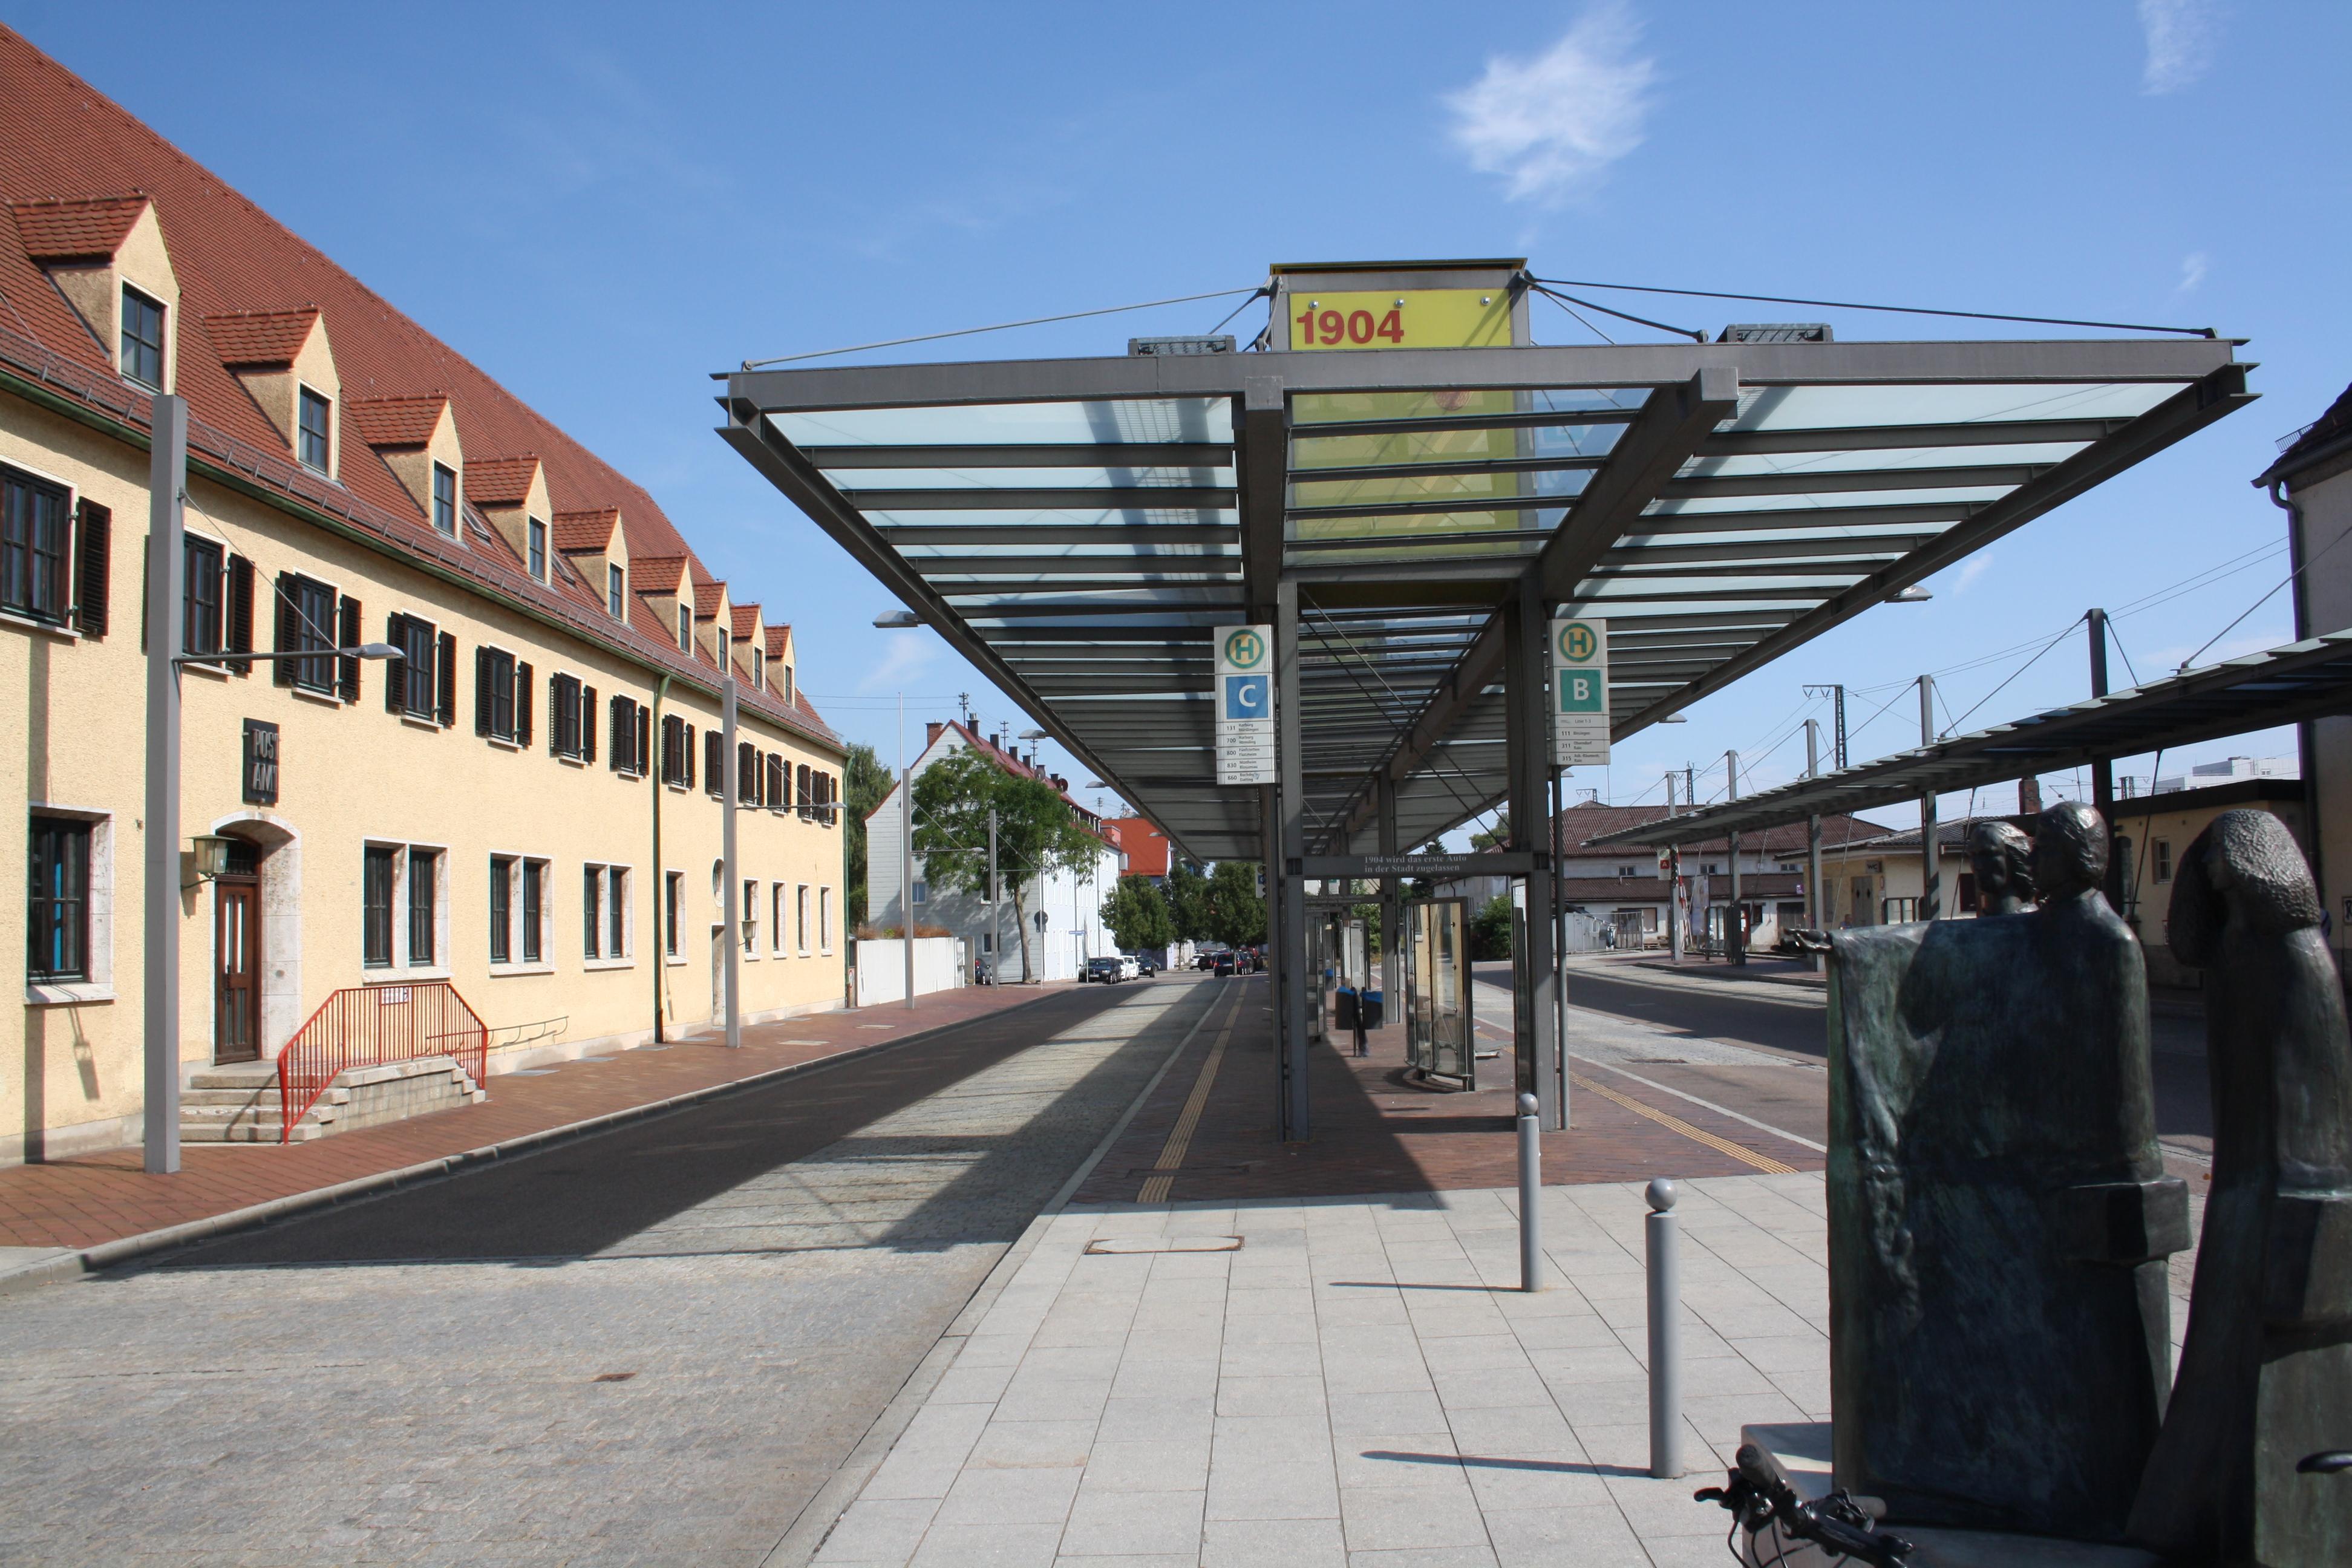 Bahnhofsvorplatz in Donauwörth